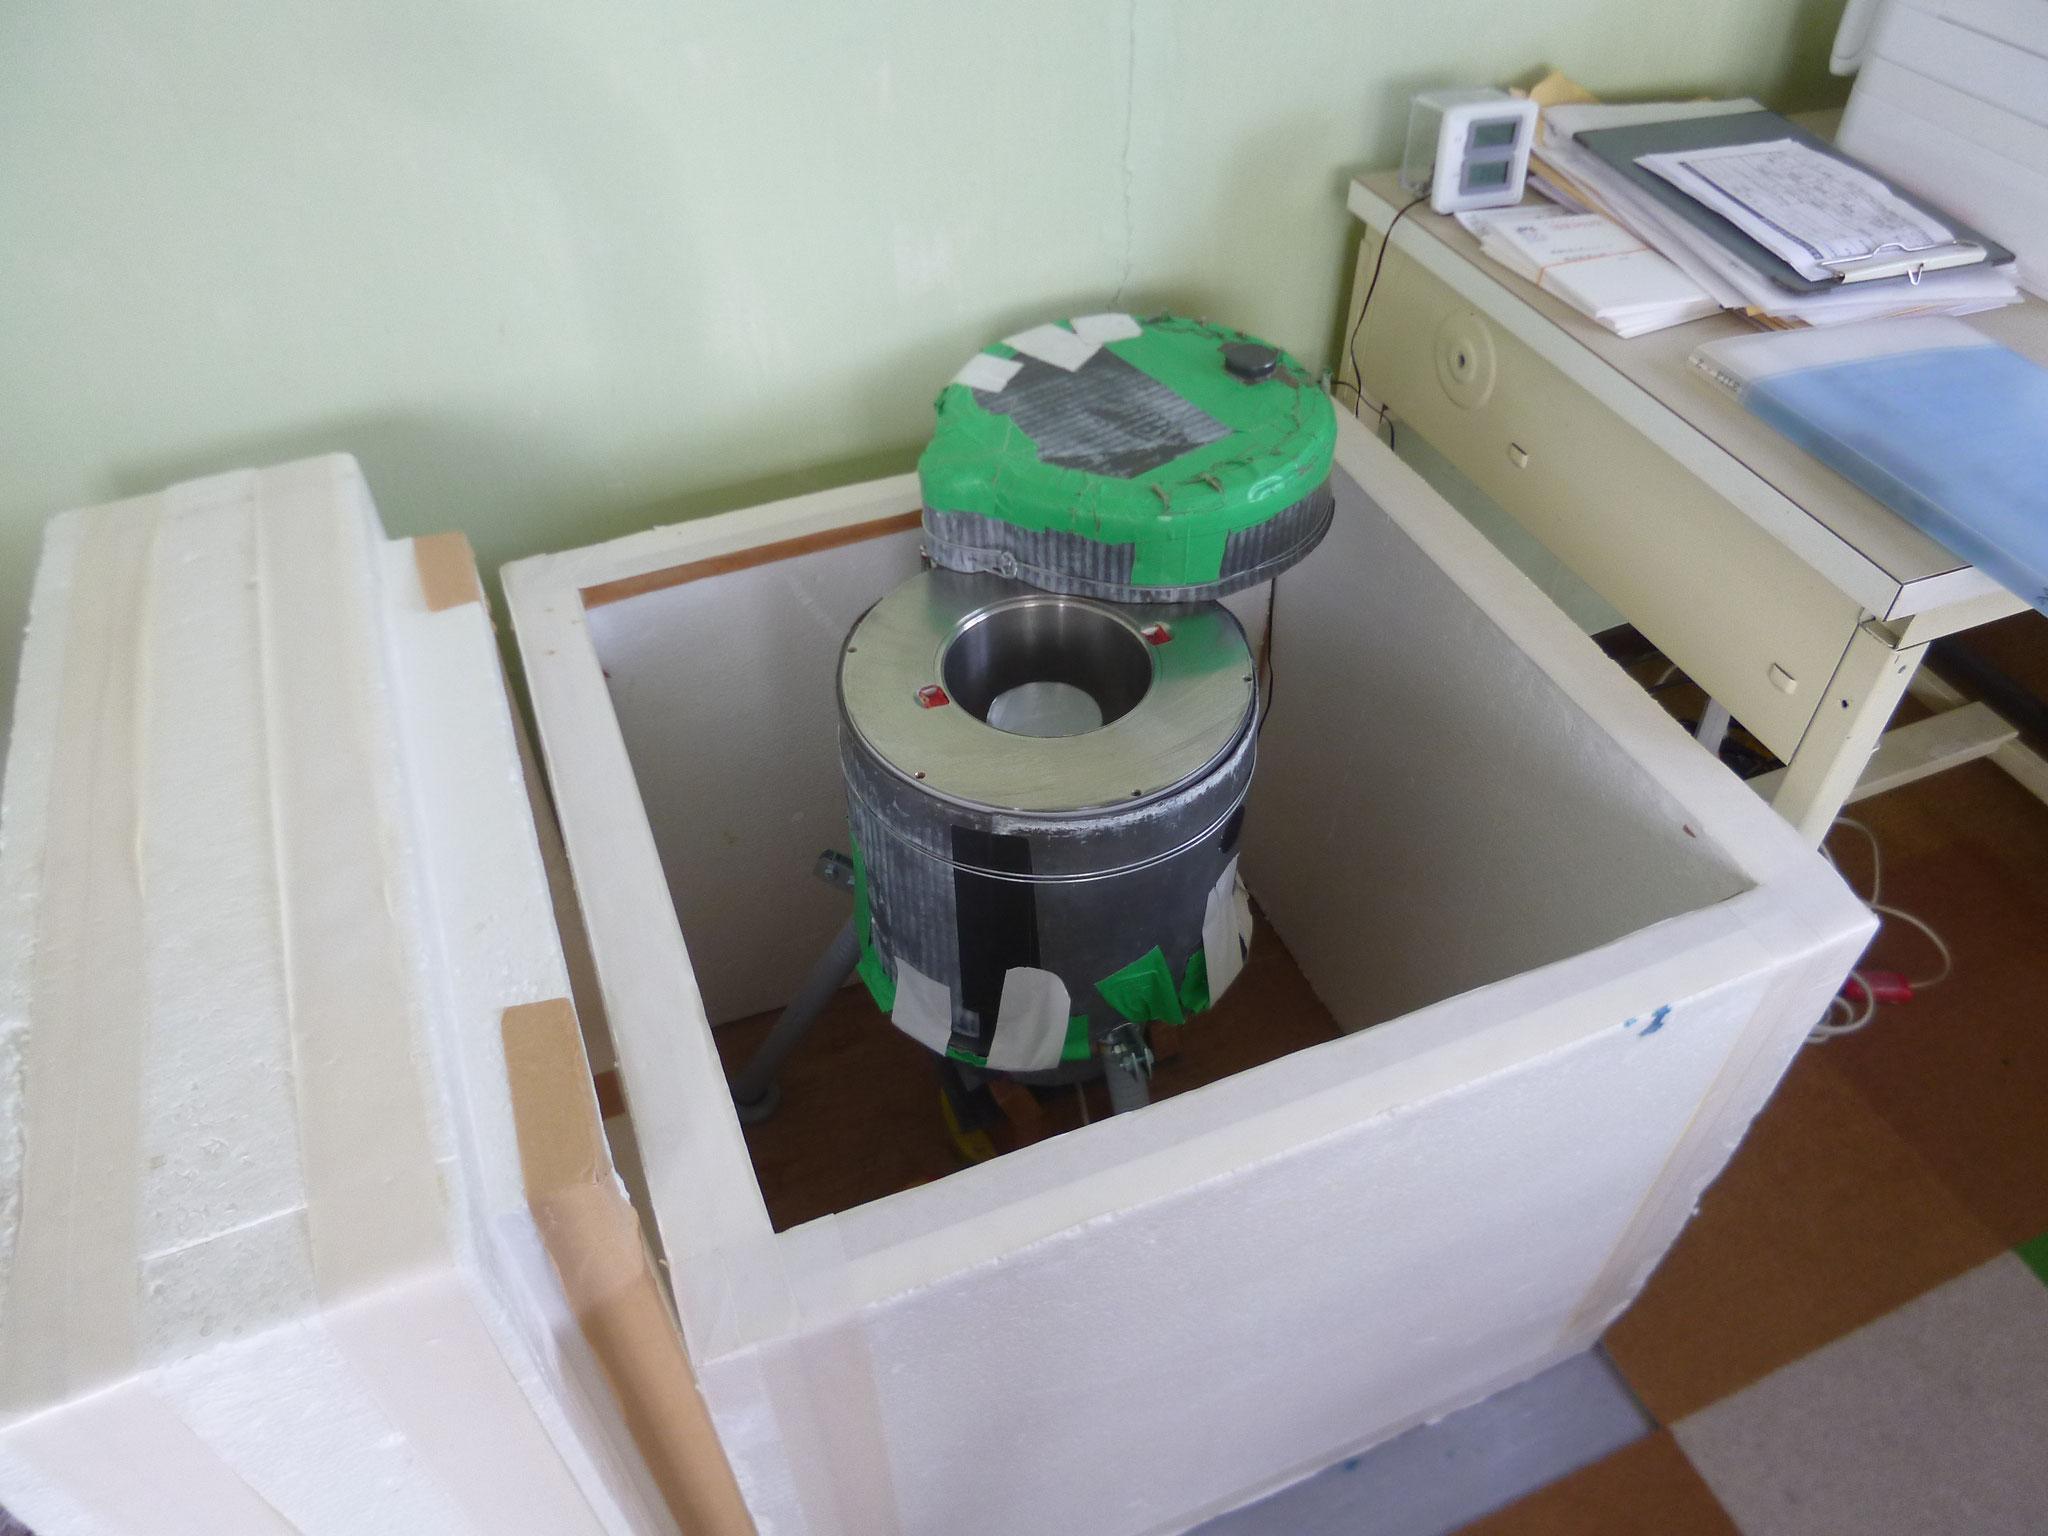 食品の放射線量測定器